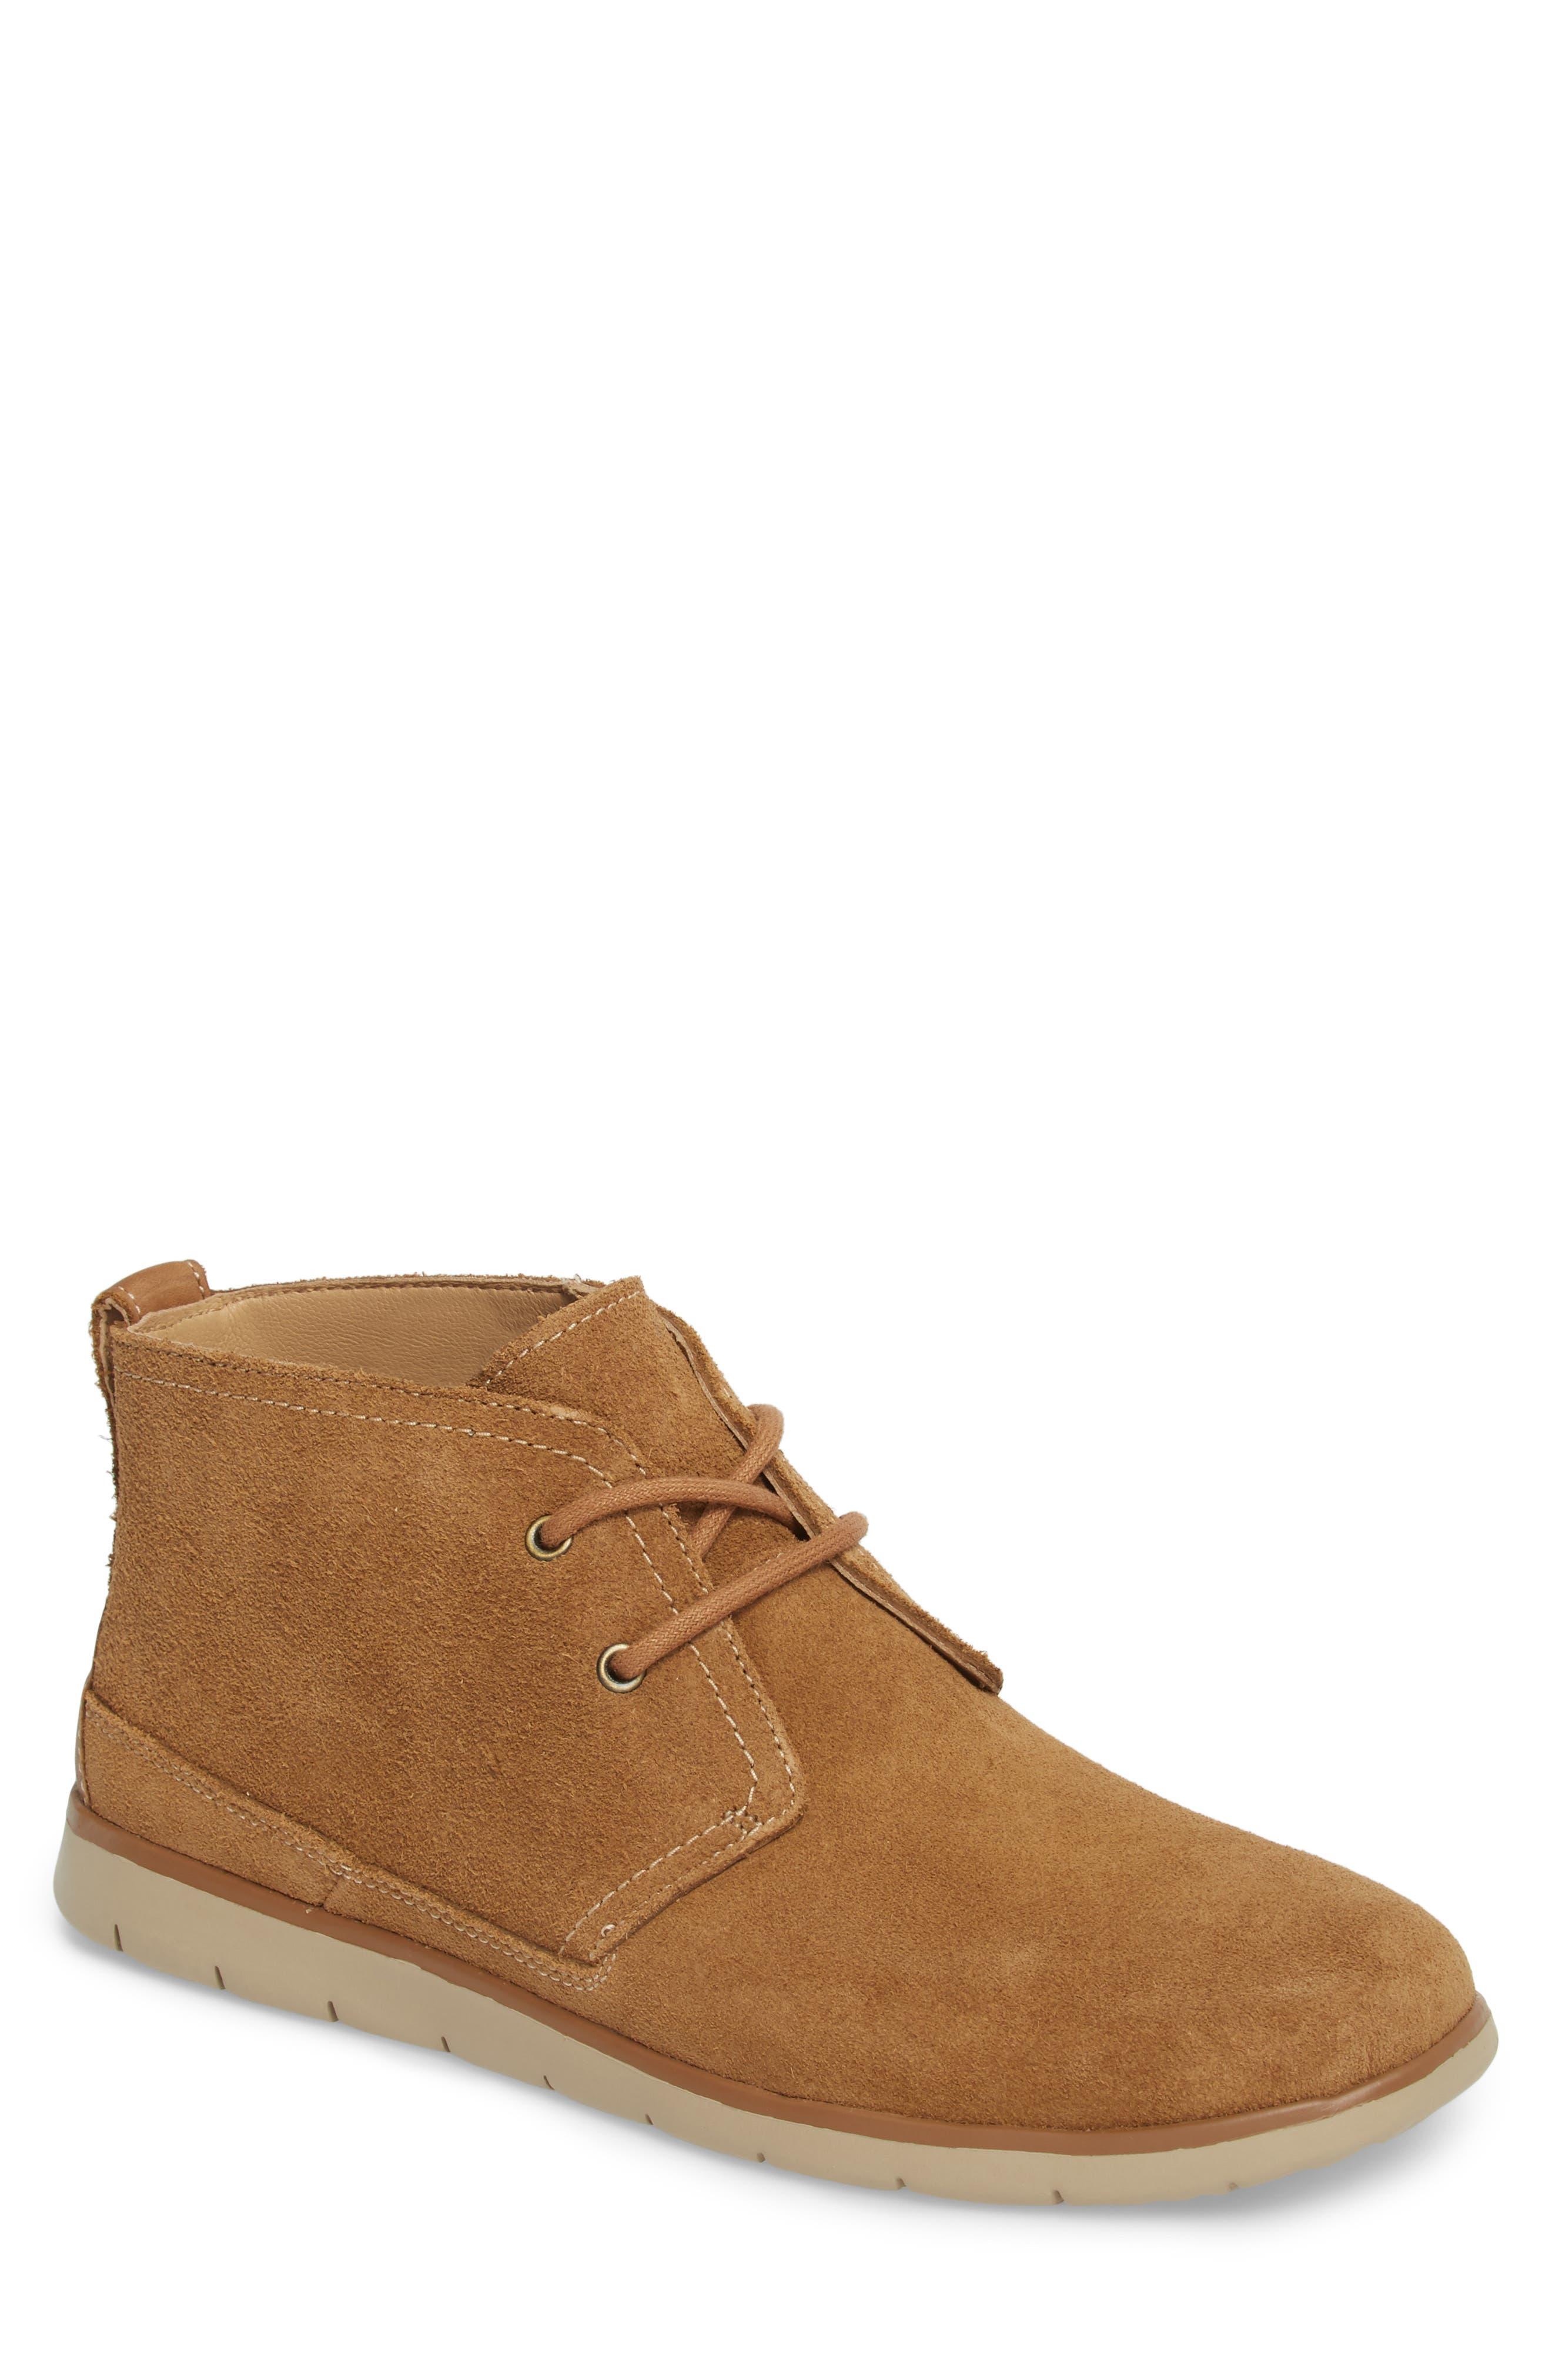 Freamon Chukka Boot,                         Main,                         color, 219